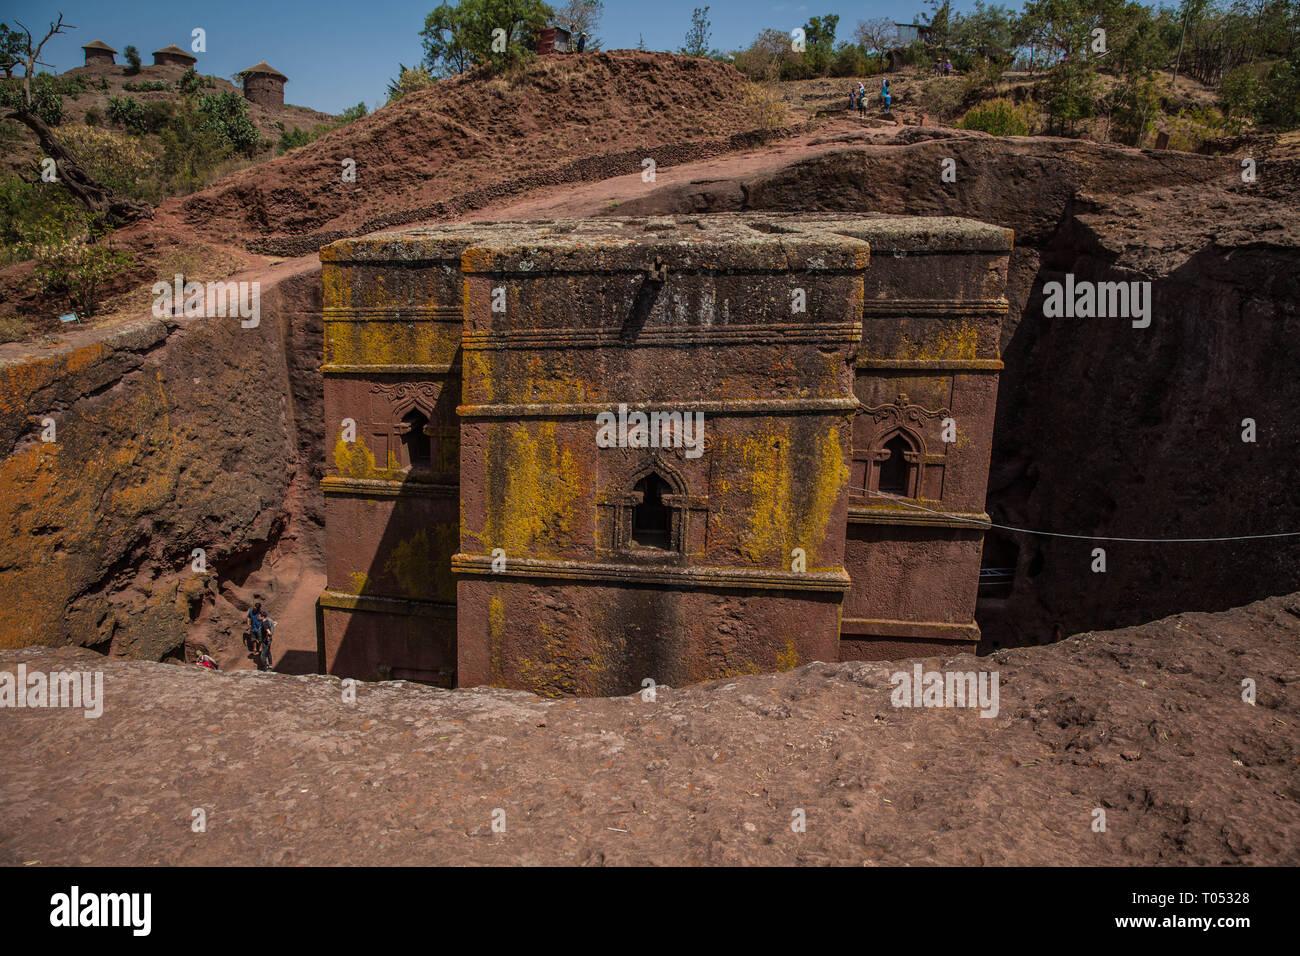 Bete Giyorgis, church of Saint Georges, Lalibela, the Jerusalem of Ethiopia - Stock Image